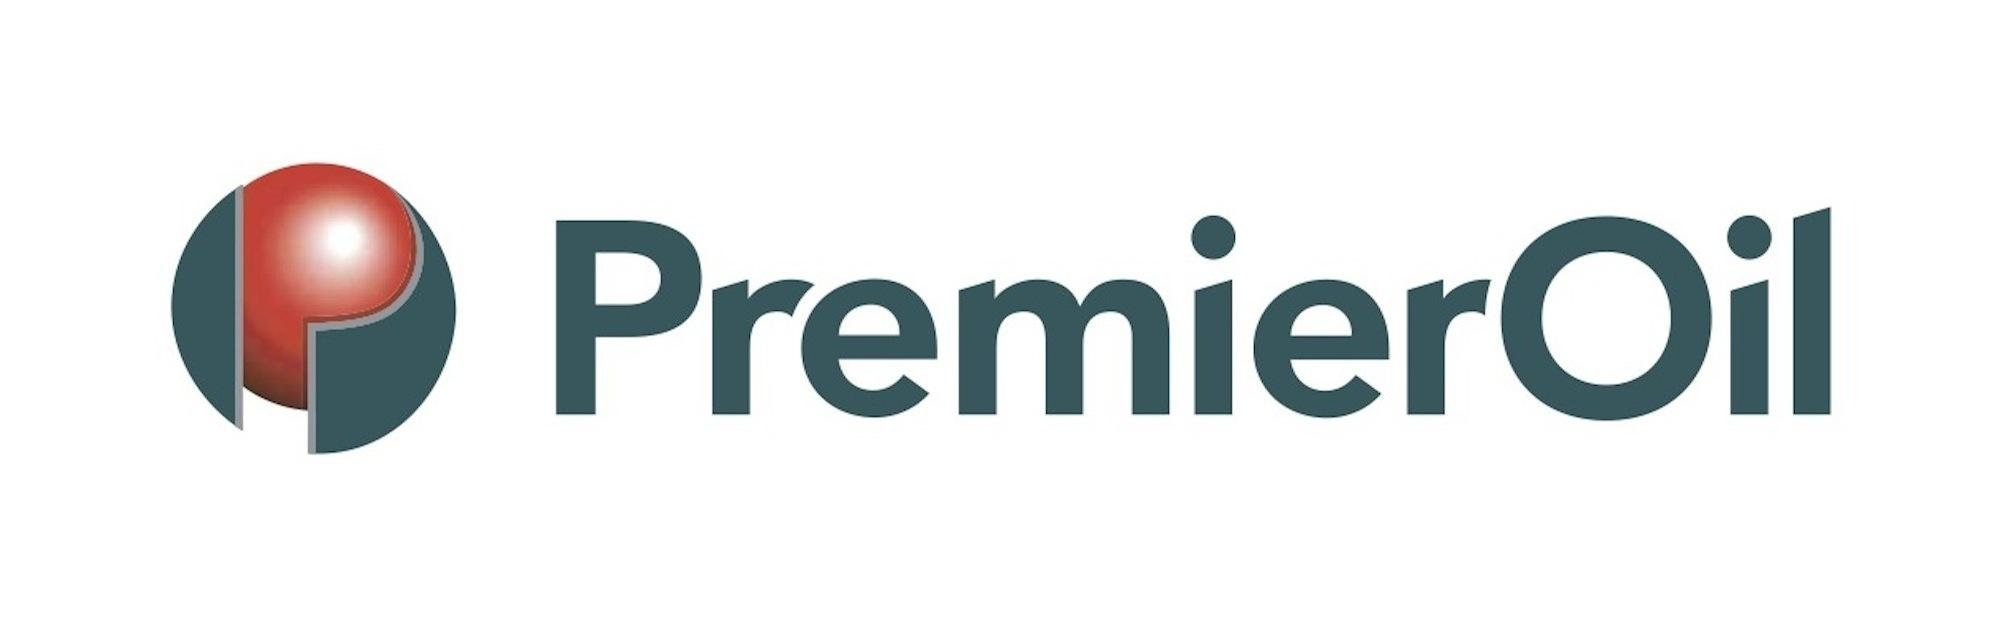 Premier Oil.jpg